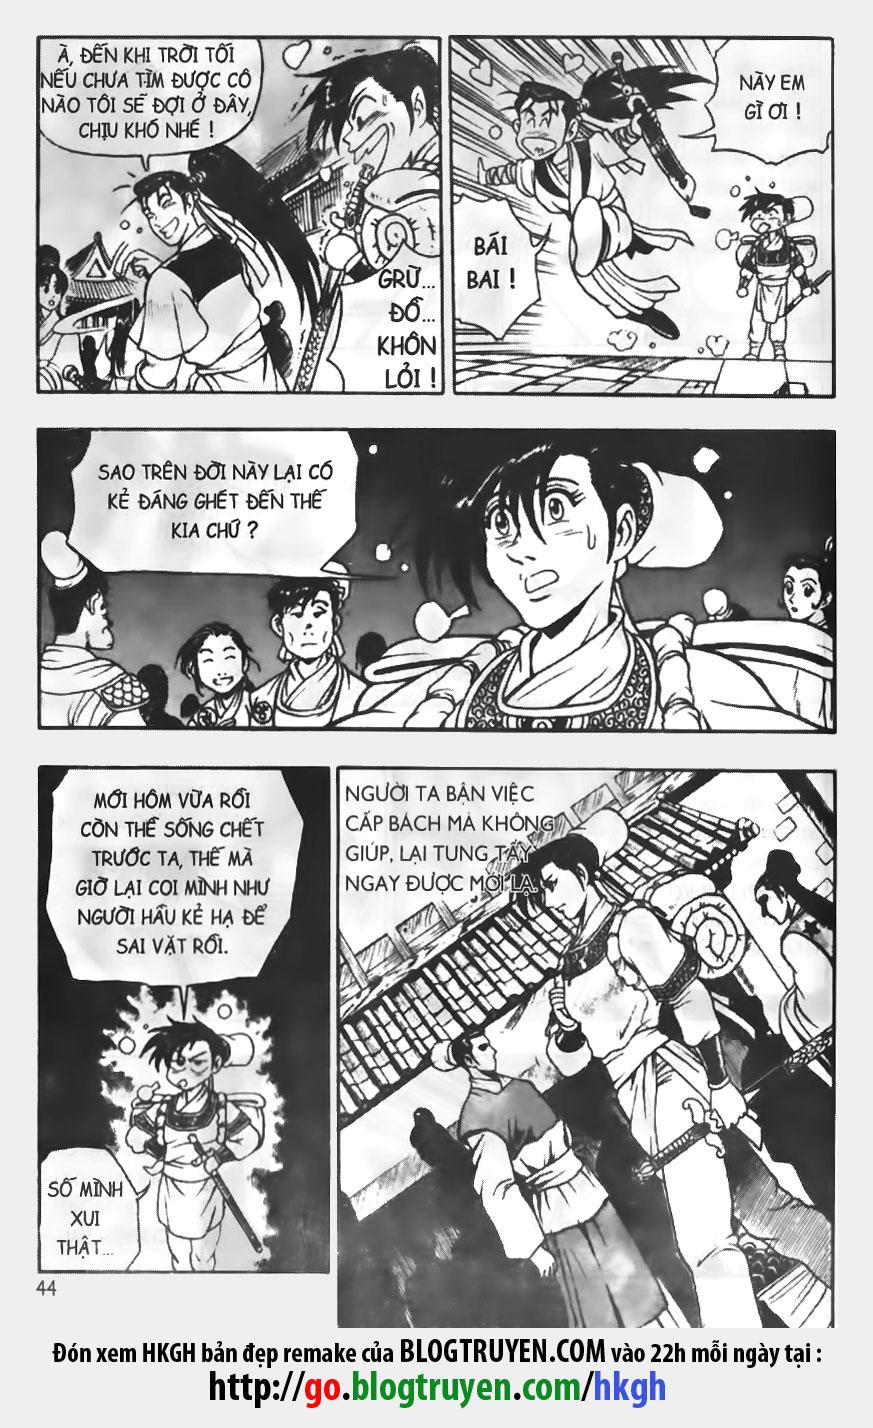 xem truyen moi - Hiệp Khách Giang Hồ Vol11 - Chap 071 - Remake